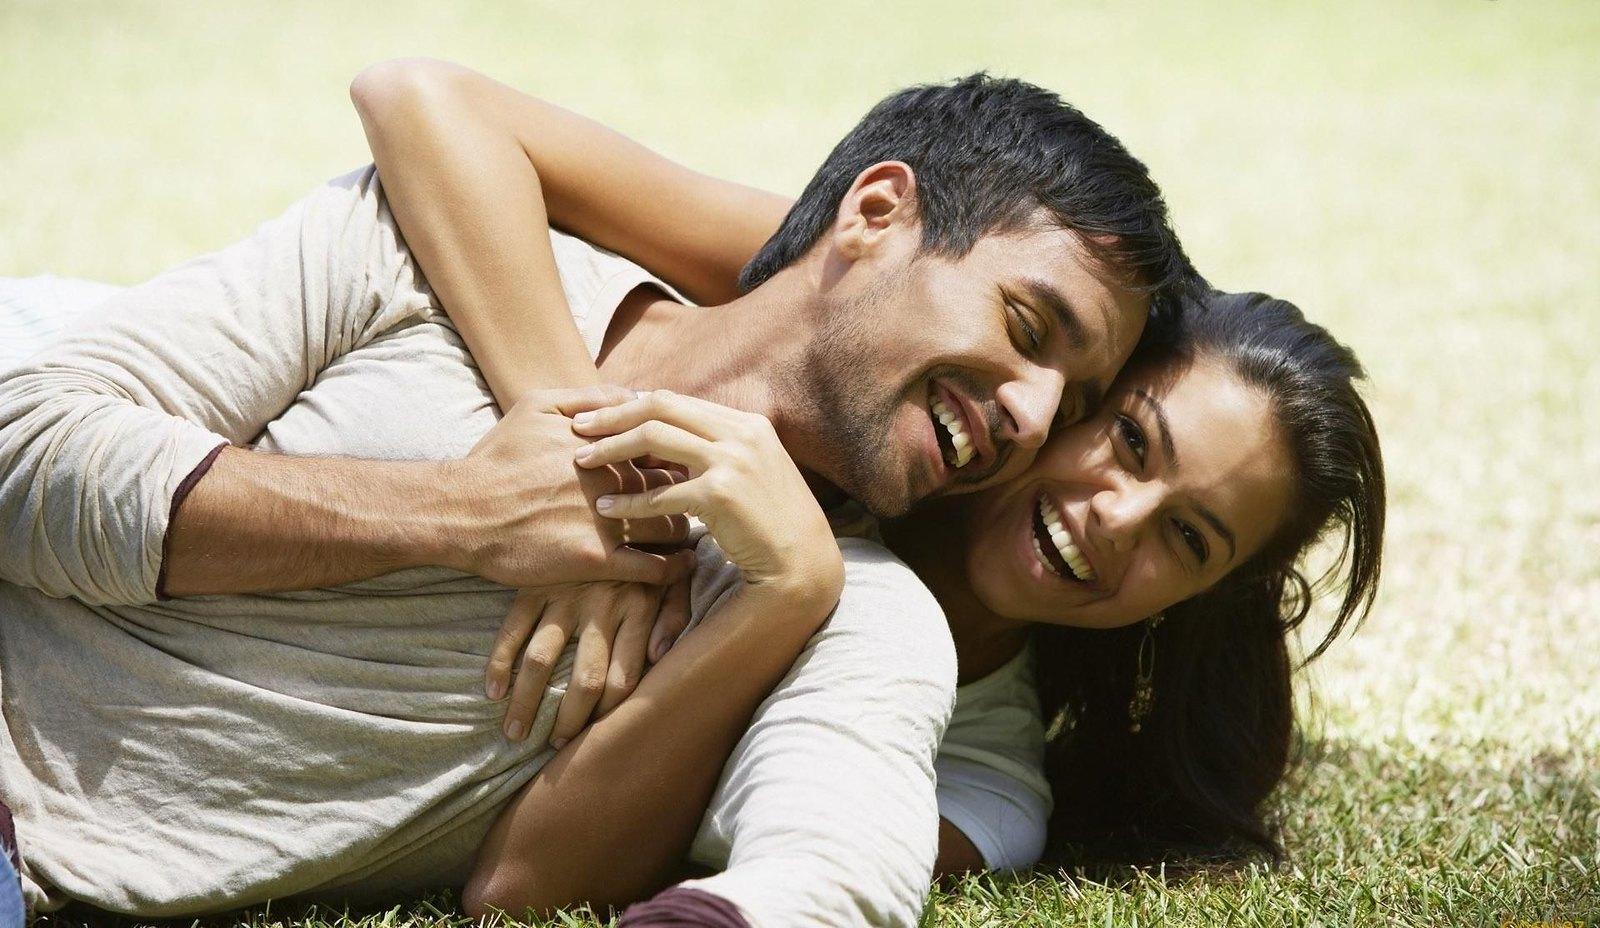 casais-que-vao-ao-templo-juntos-sao-mais-felizes-revela-estudo